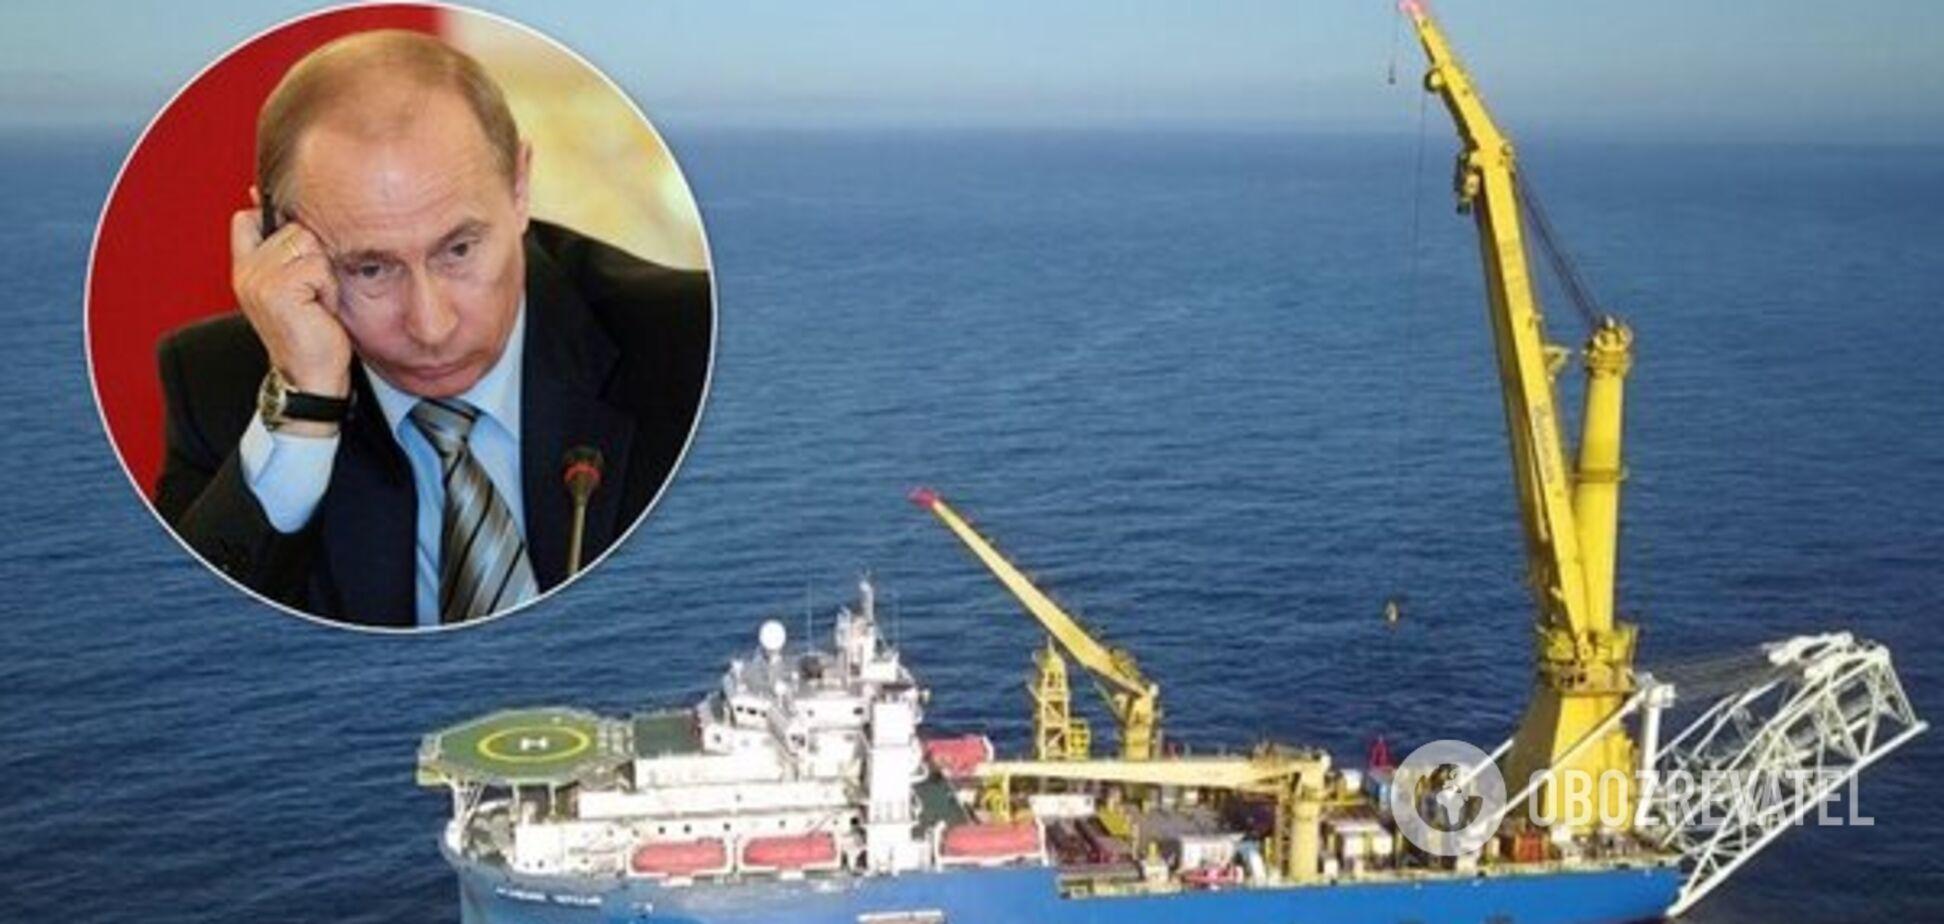 Судно для завершення 'Північного потоку-2' заблукало у морі